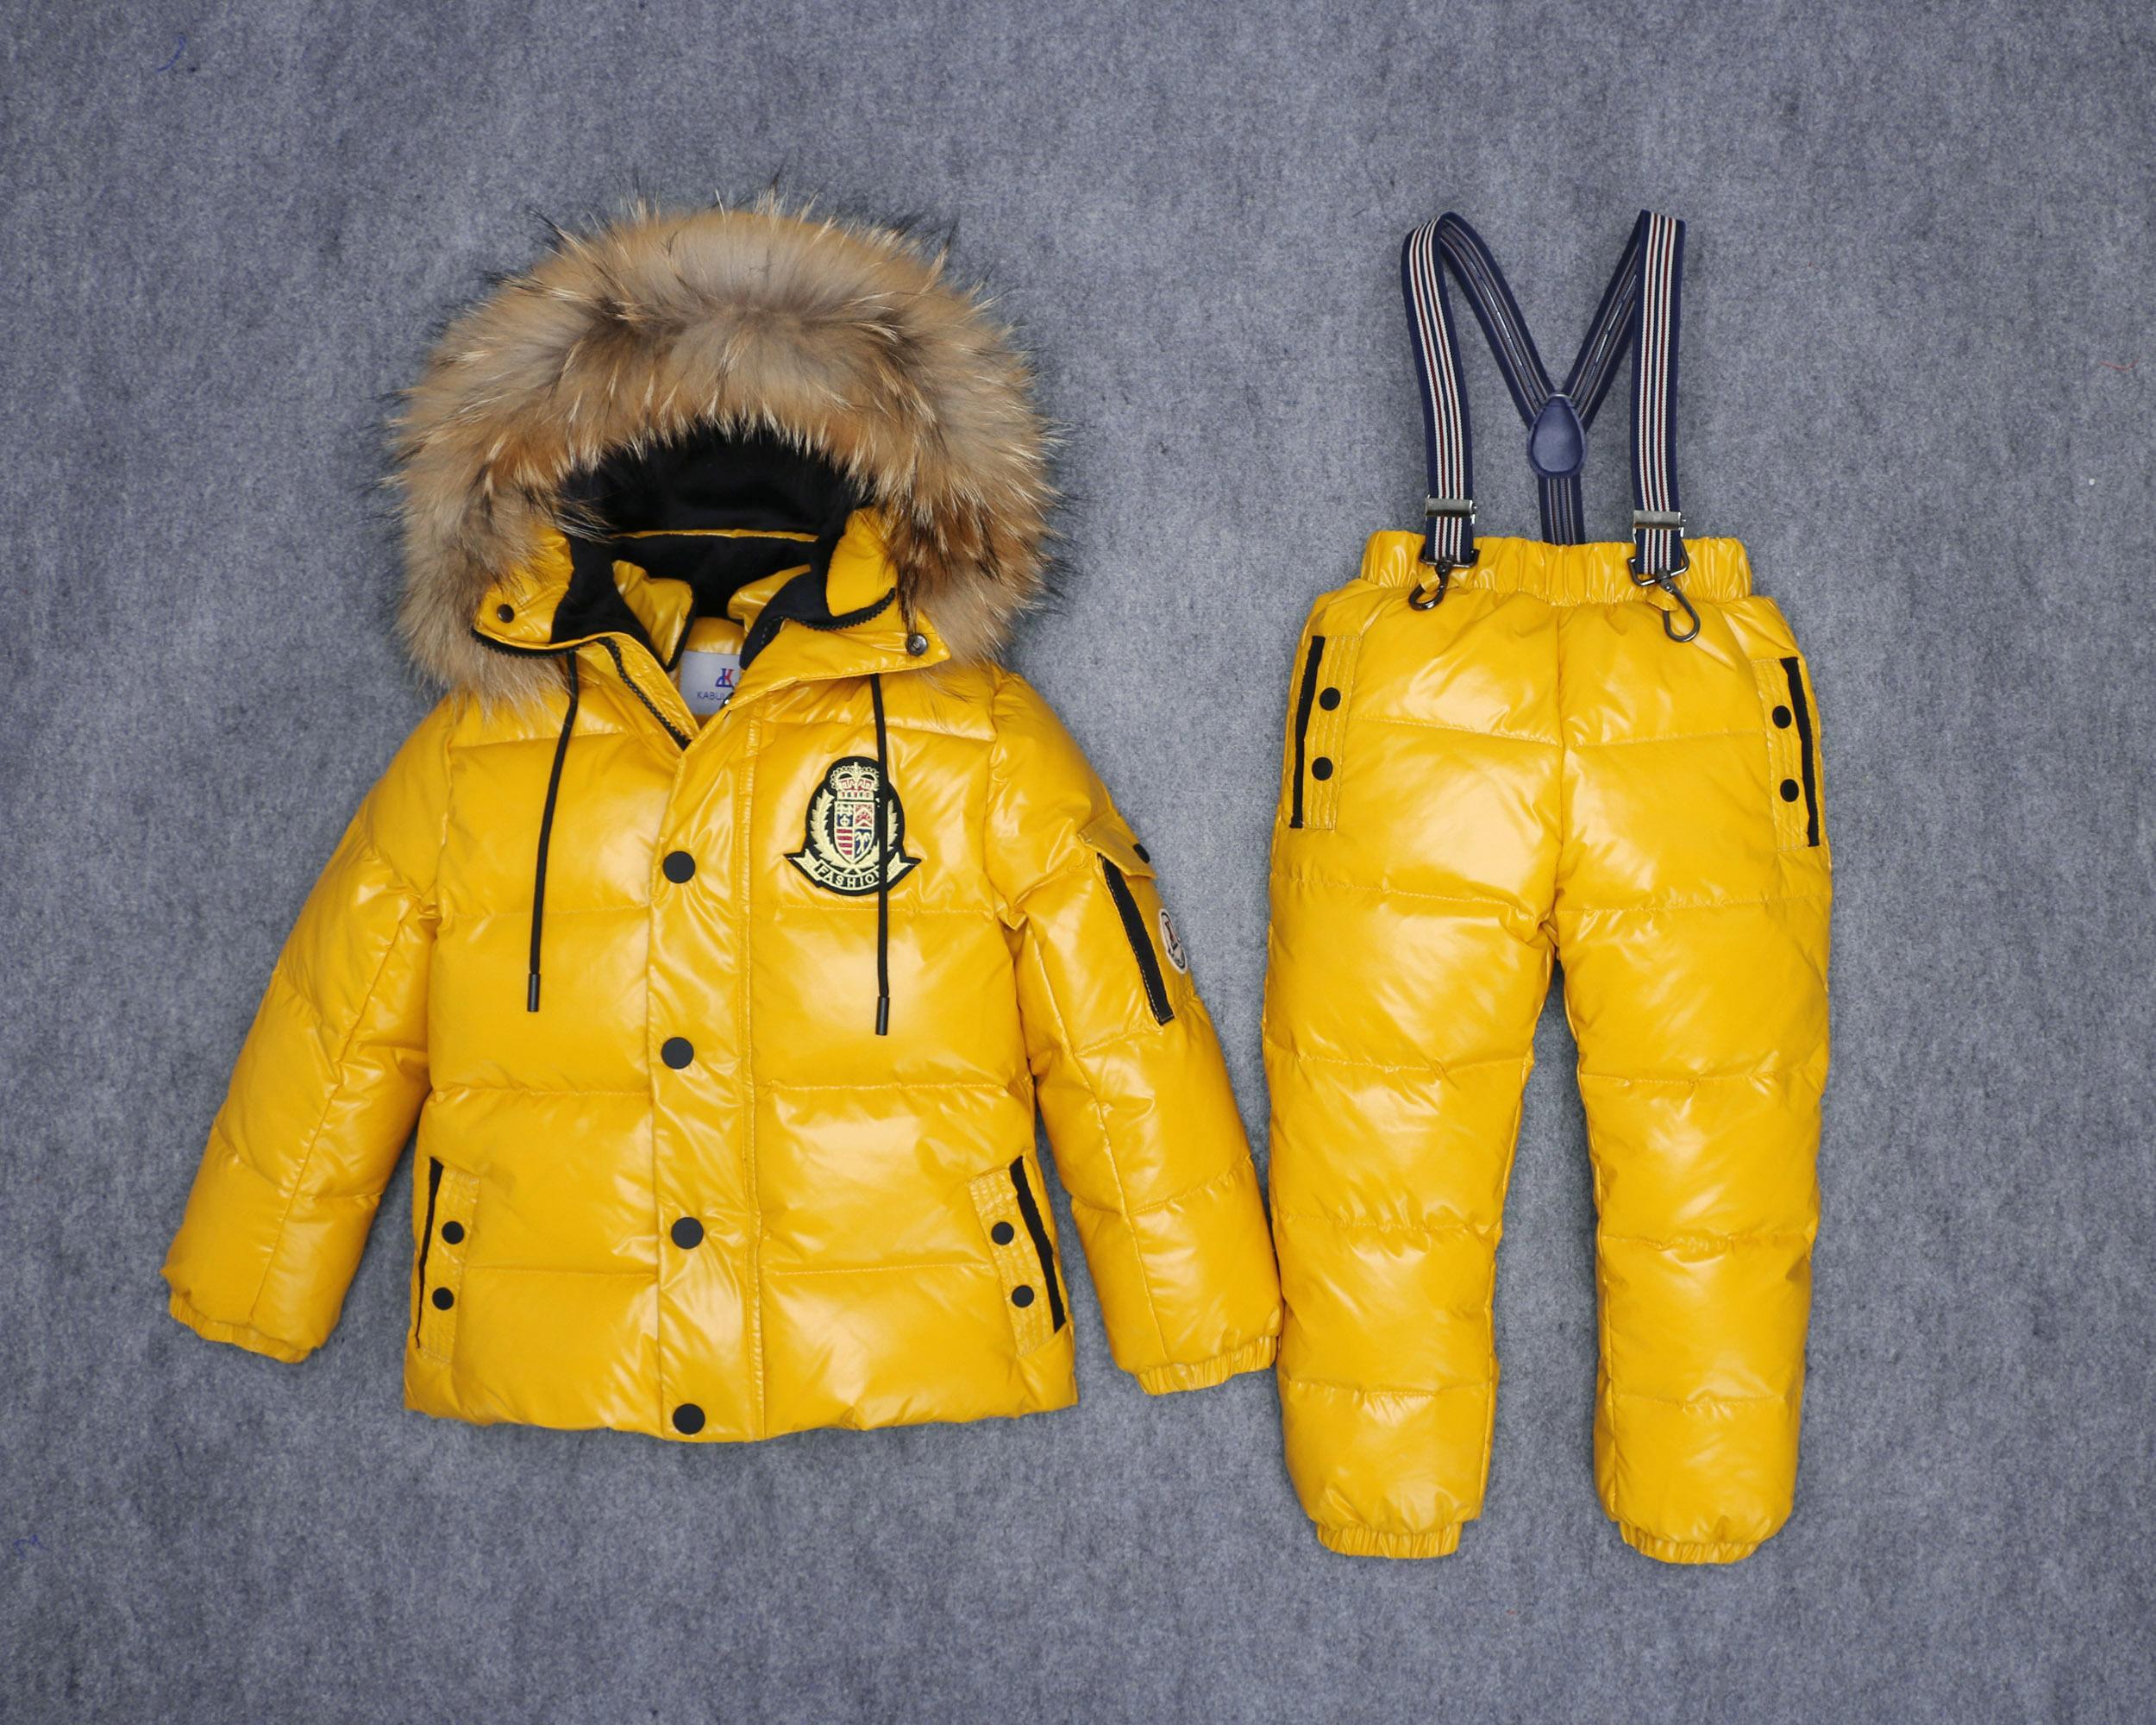 Kinder Skianzug -30 Grad Winter Kinder Schneeuit Duck Daunenjacke für Mädchen Wasserdicht Gesamtmantel Jumpsuit Jungen Warme Oberbekleidung Y1117